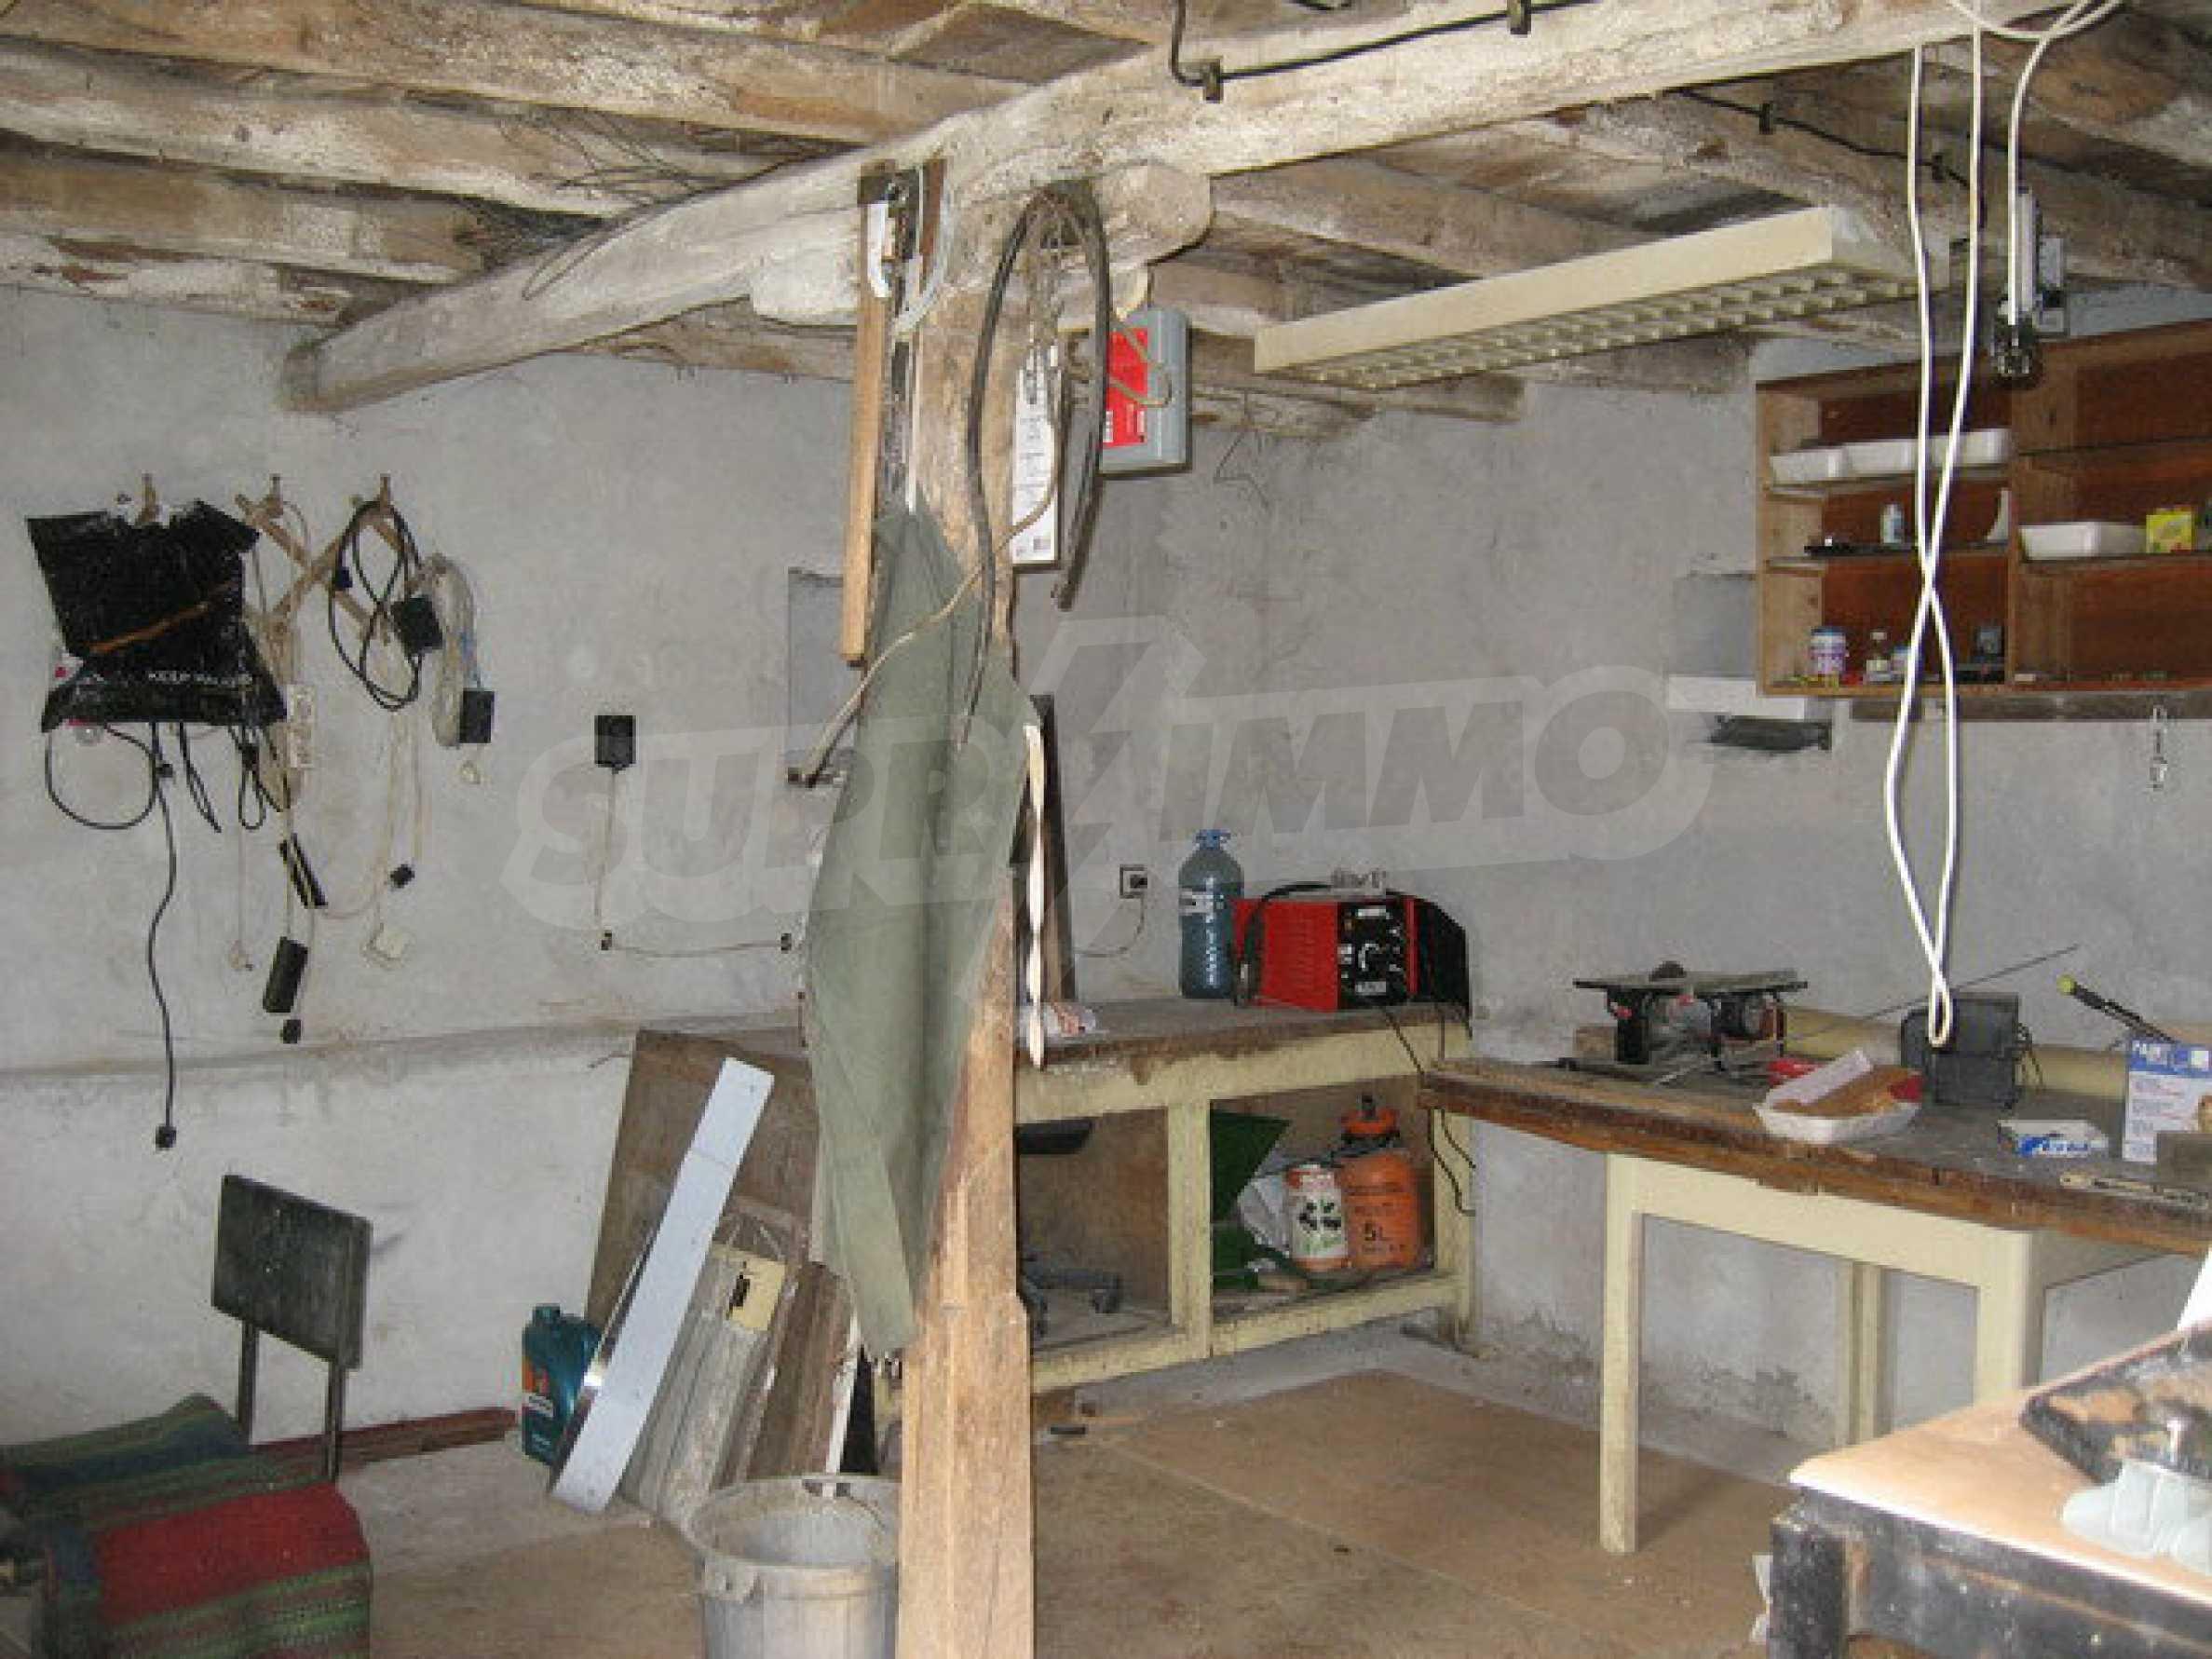 Wohnhaus in einer malerischen Gegend in der Nähe von Veliko Tarnovo 21